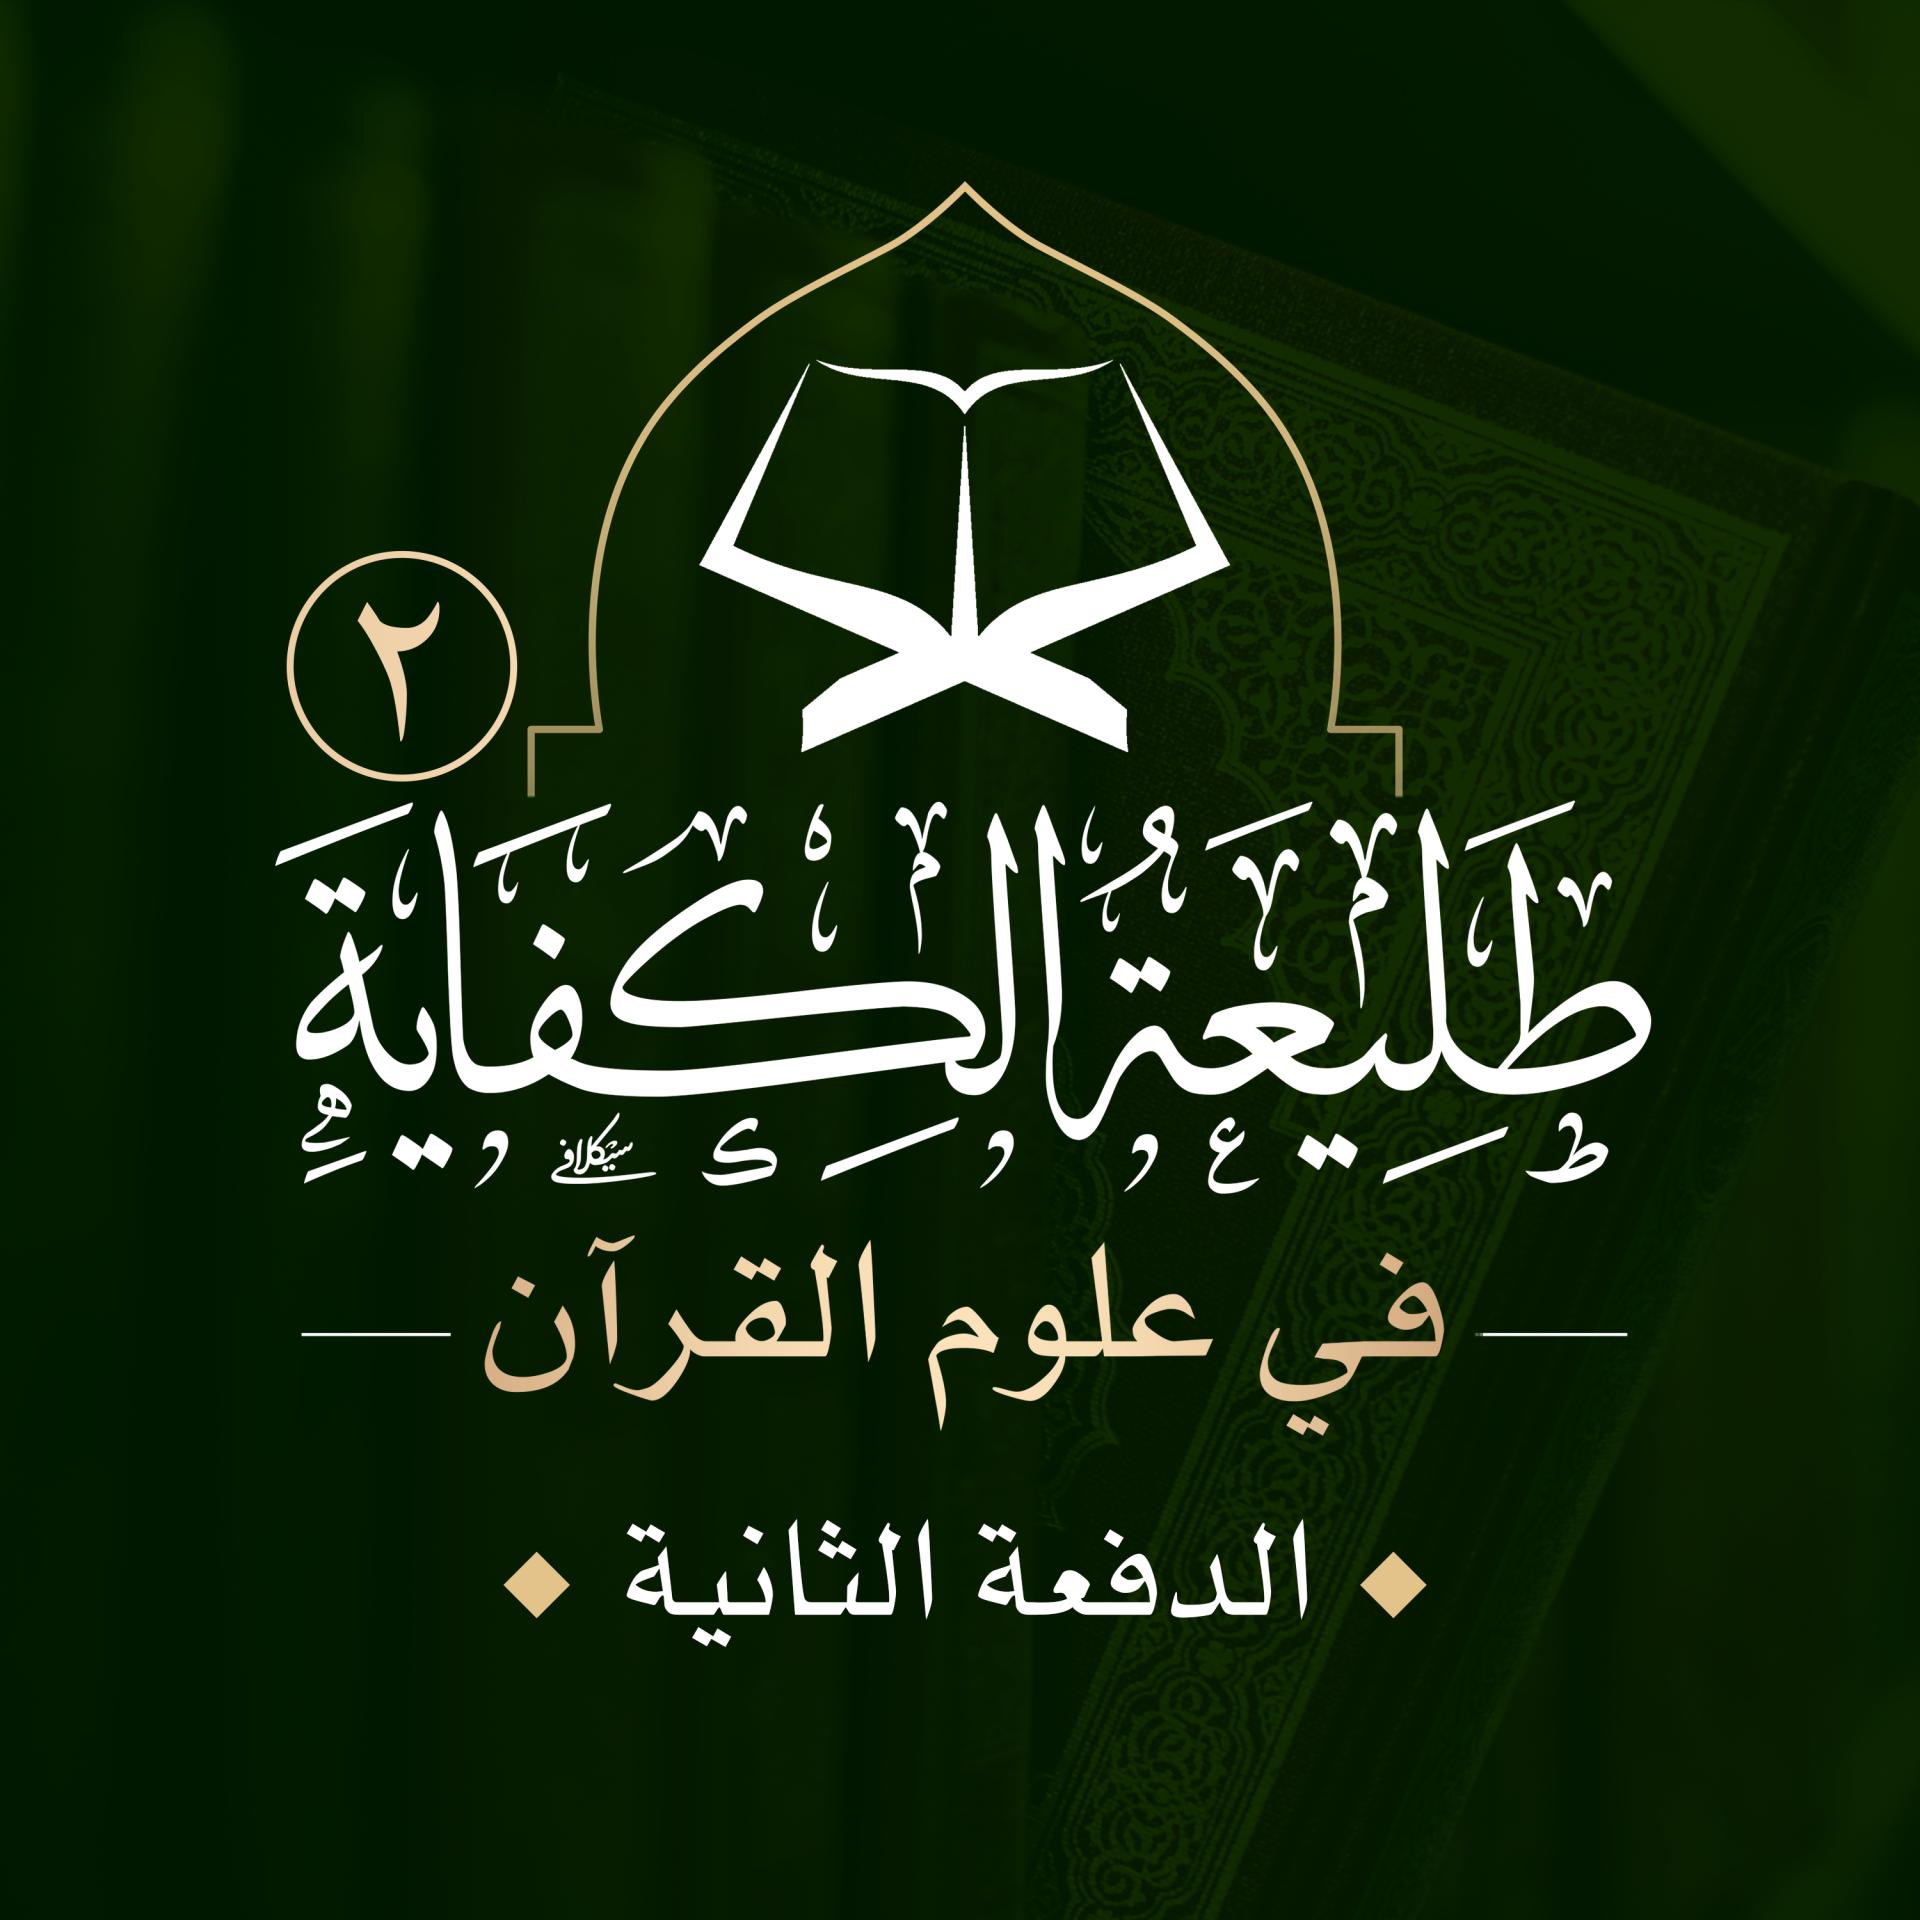 طليعة الكفاية في علوم القرآن - المرحلة الثانية